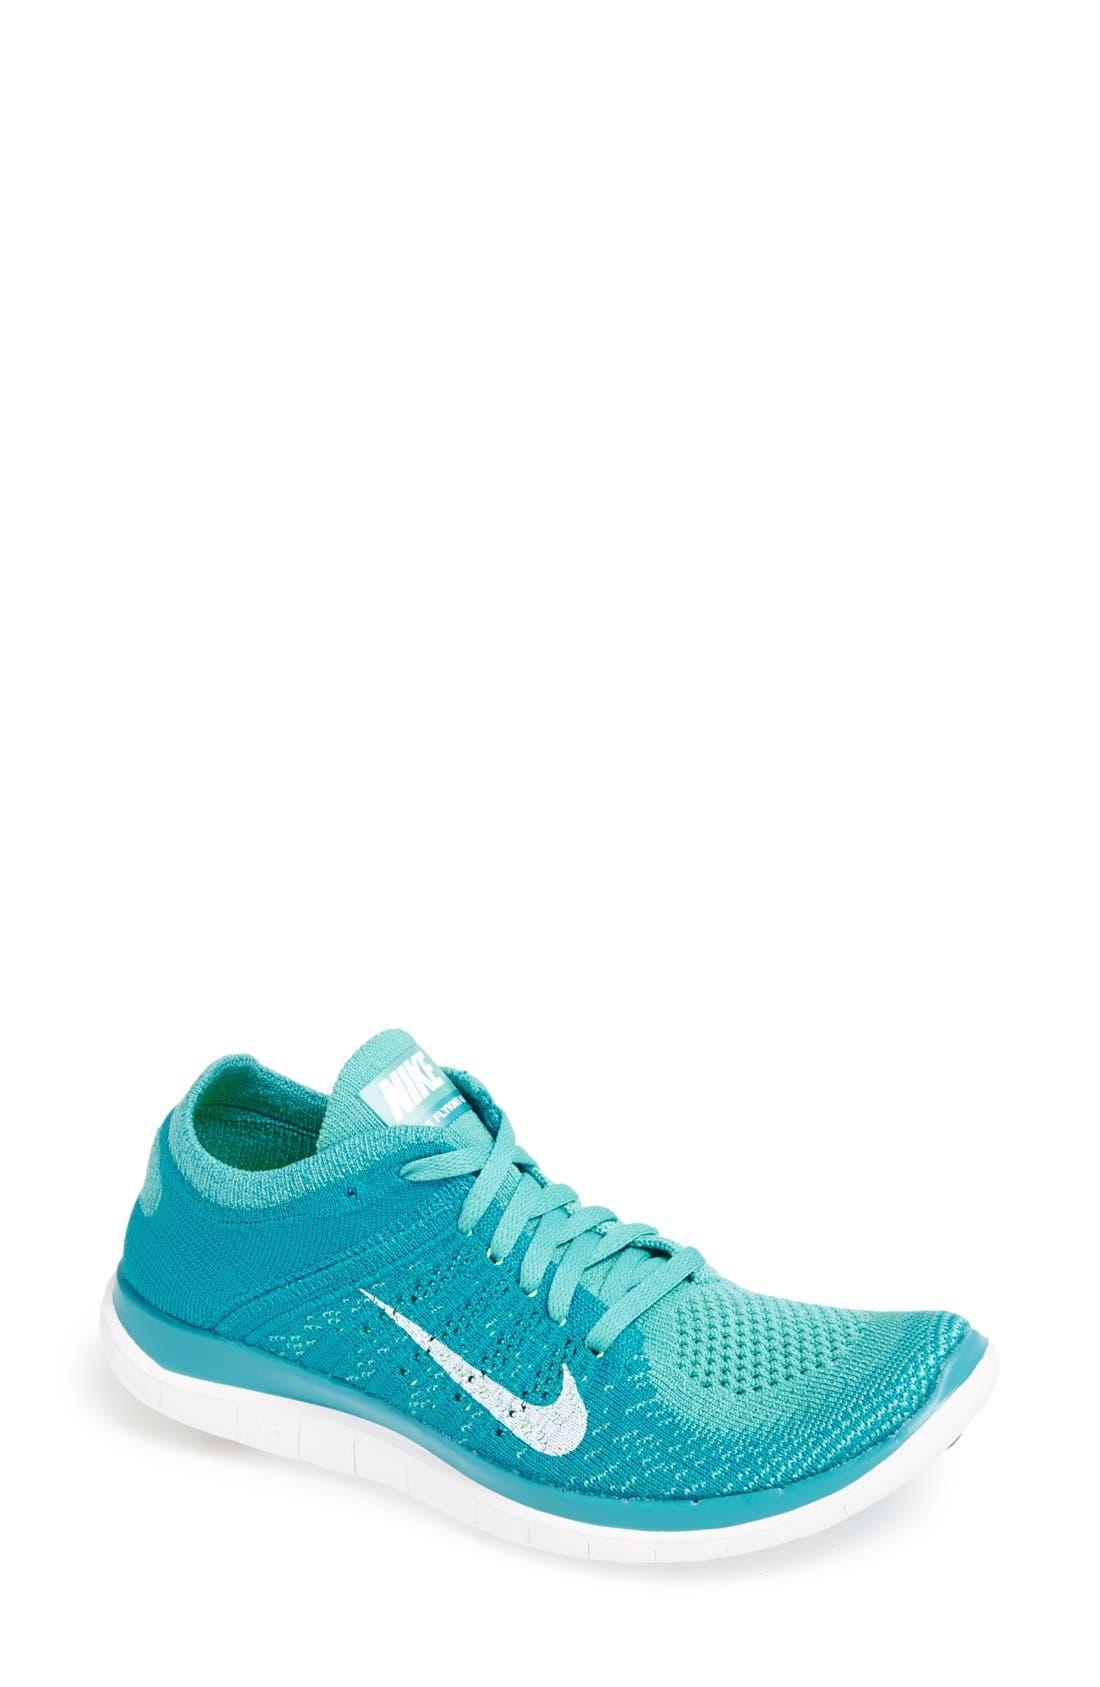 Main Image - Nike 'Free 4.0 Flyknit' Running Shoe (Women) (Regular Retail Price: $120.00)